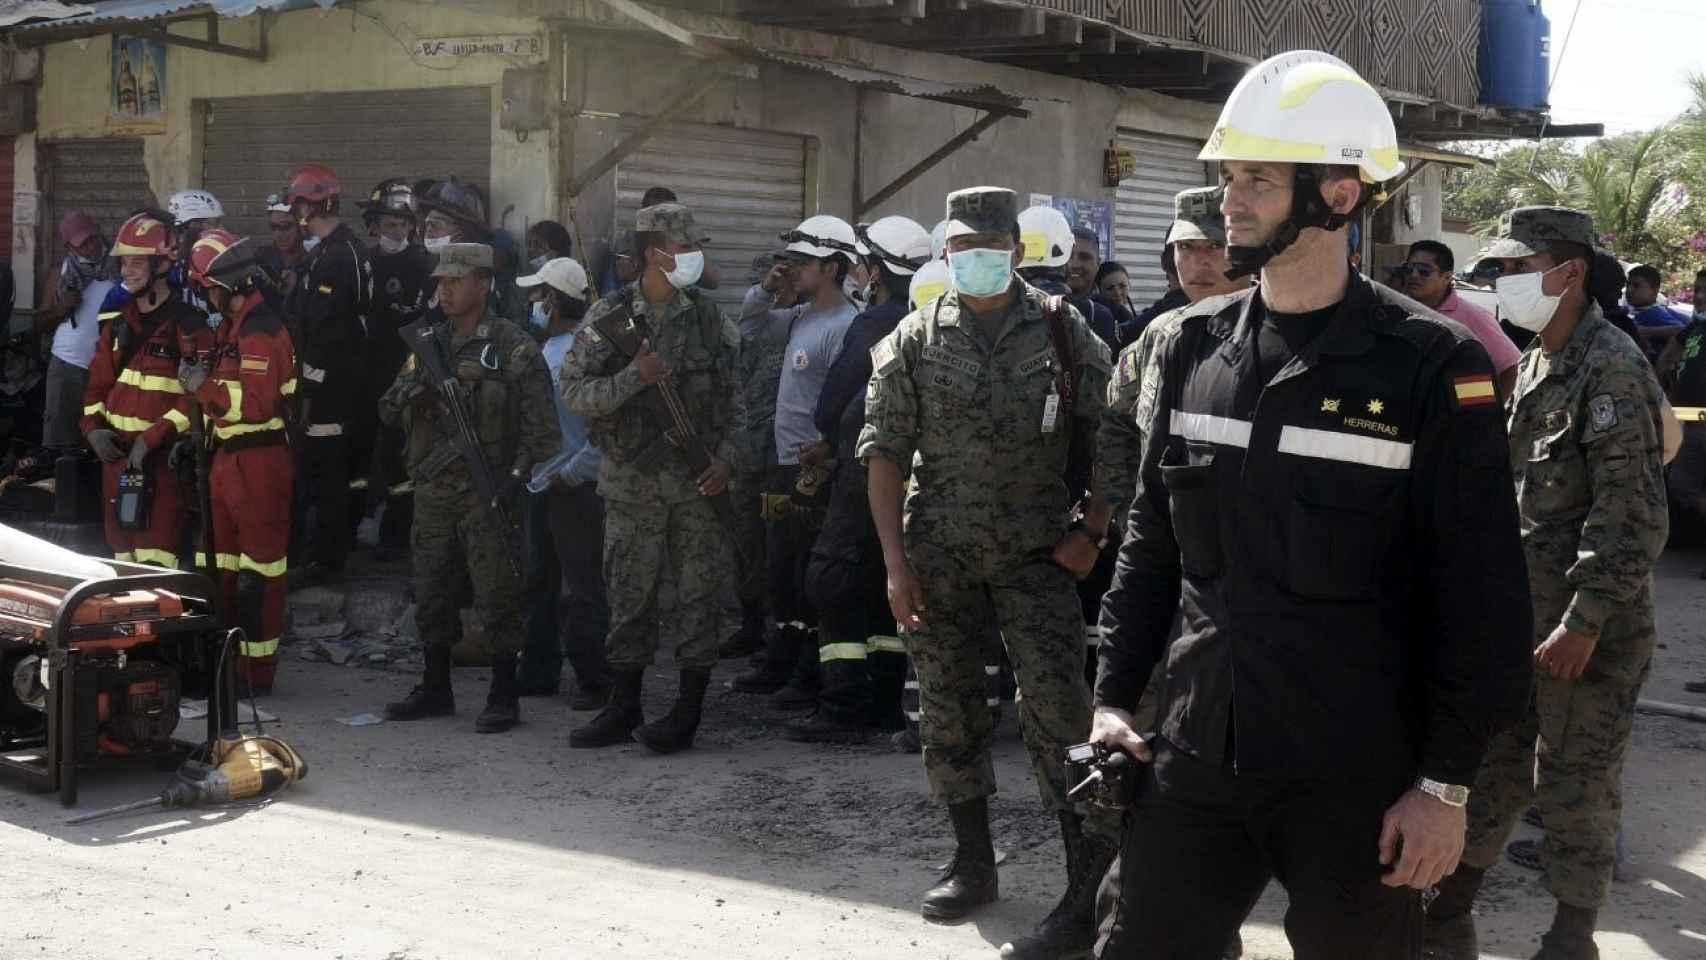 El comandante Herreras, en primer plano, está al frente del operativo de la UME.